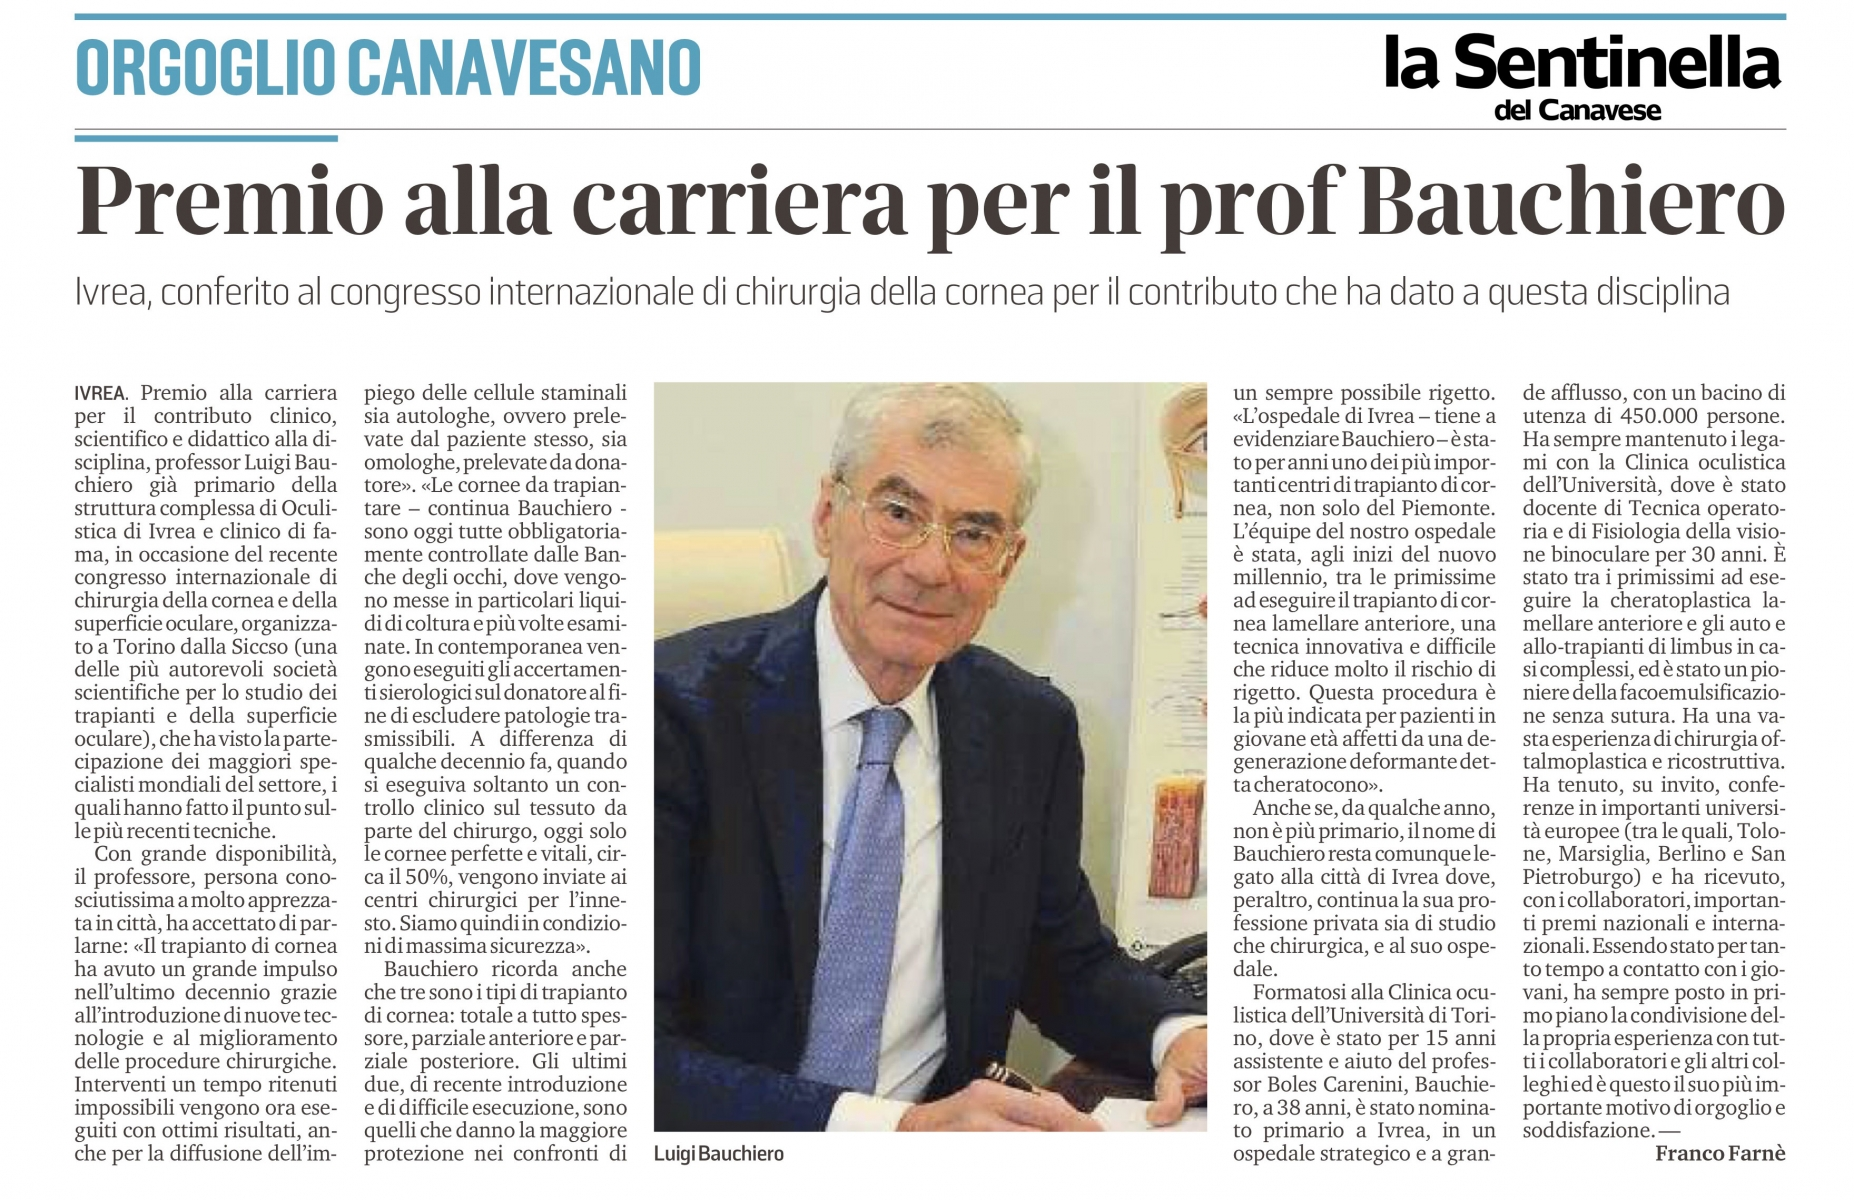 Premio alla carriera per il prof. Bauchiero